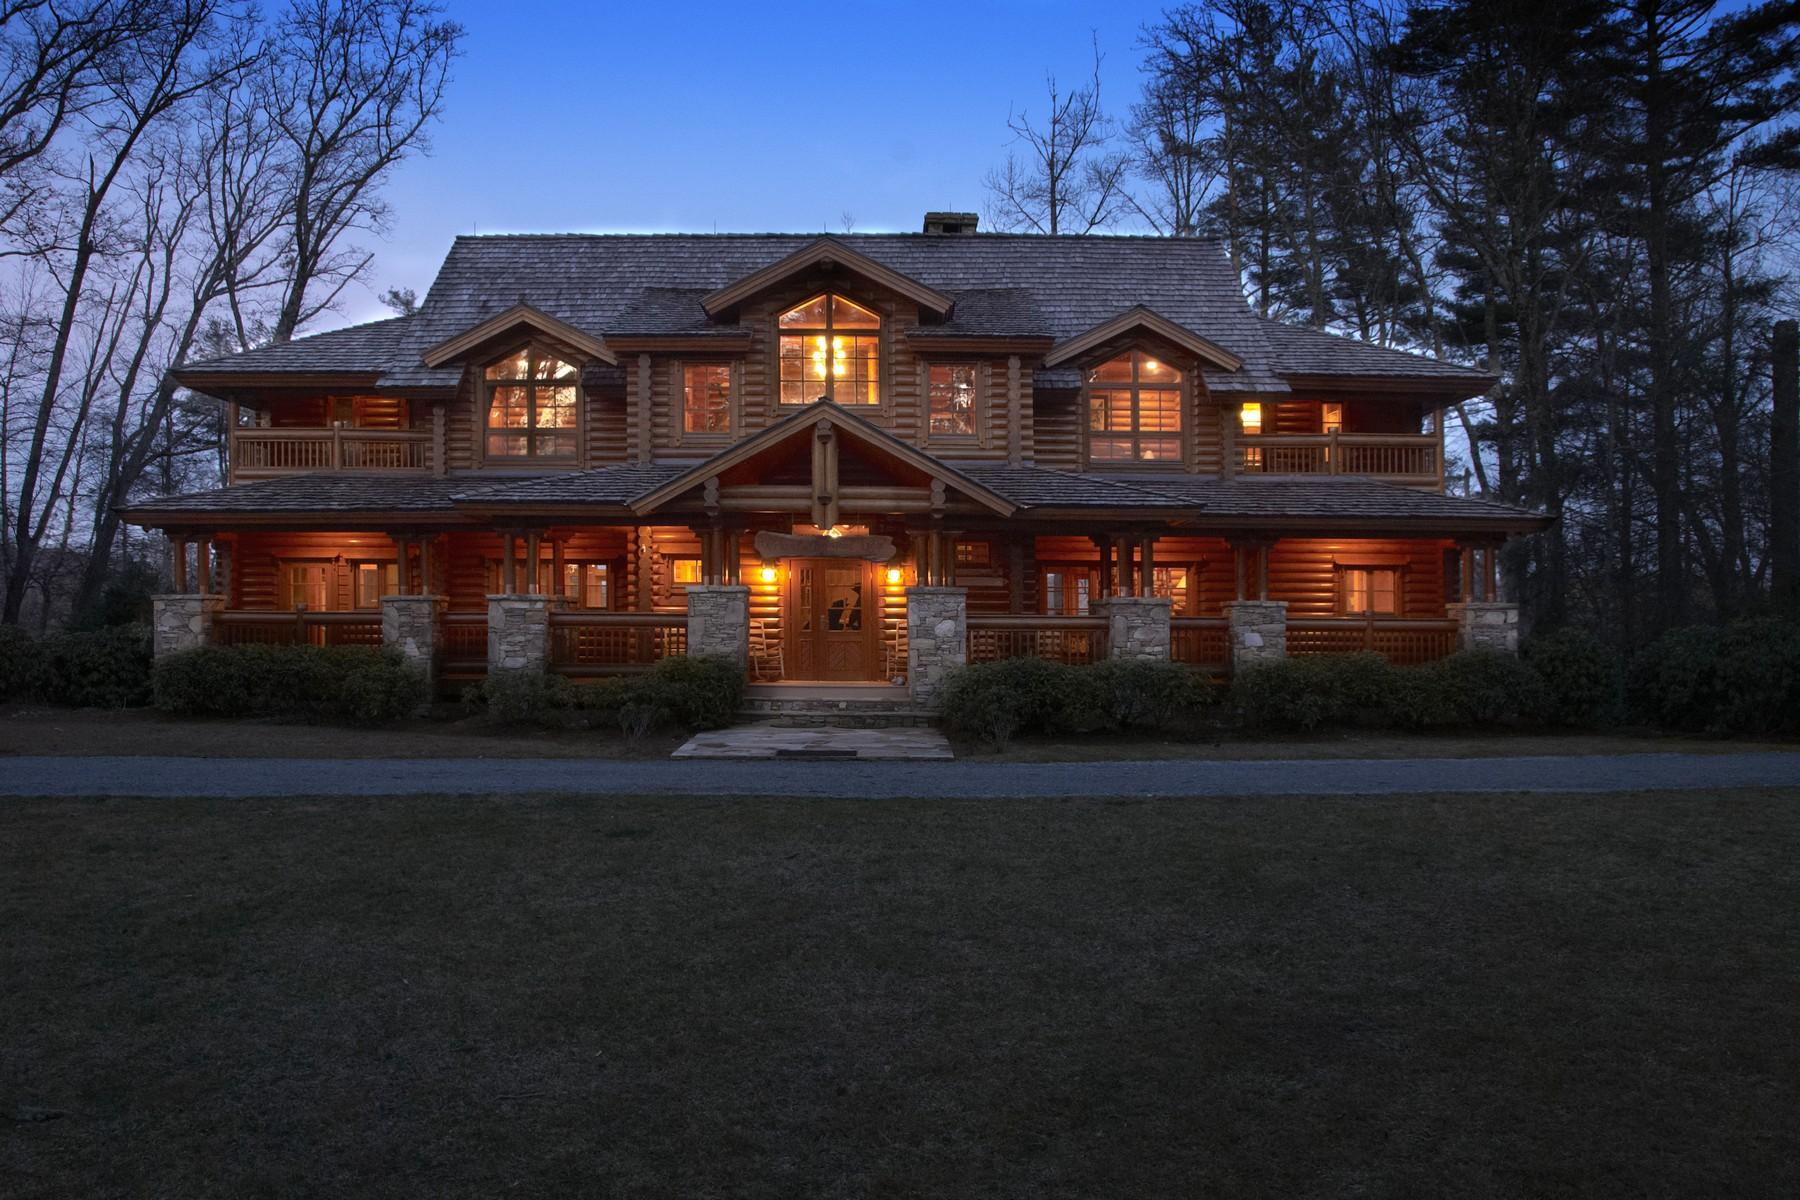 Maison unifamiliale pour l Vente à Big Pine Lodge 434 Lake Sequoyah Drive, Highlands, Carolina Du Nord, 28741 États-Unis